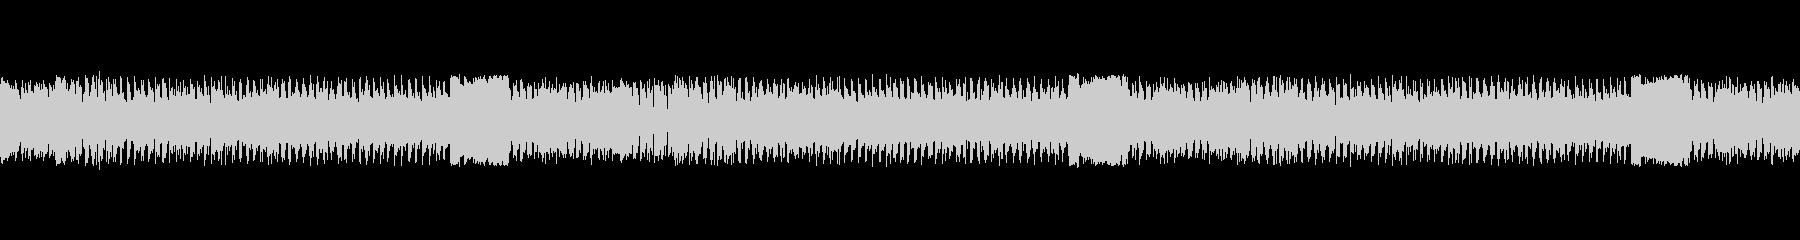 怪獣登場風の曲の未再生の波形